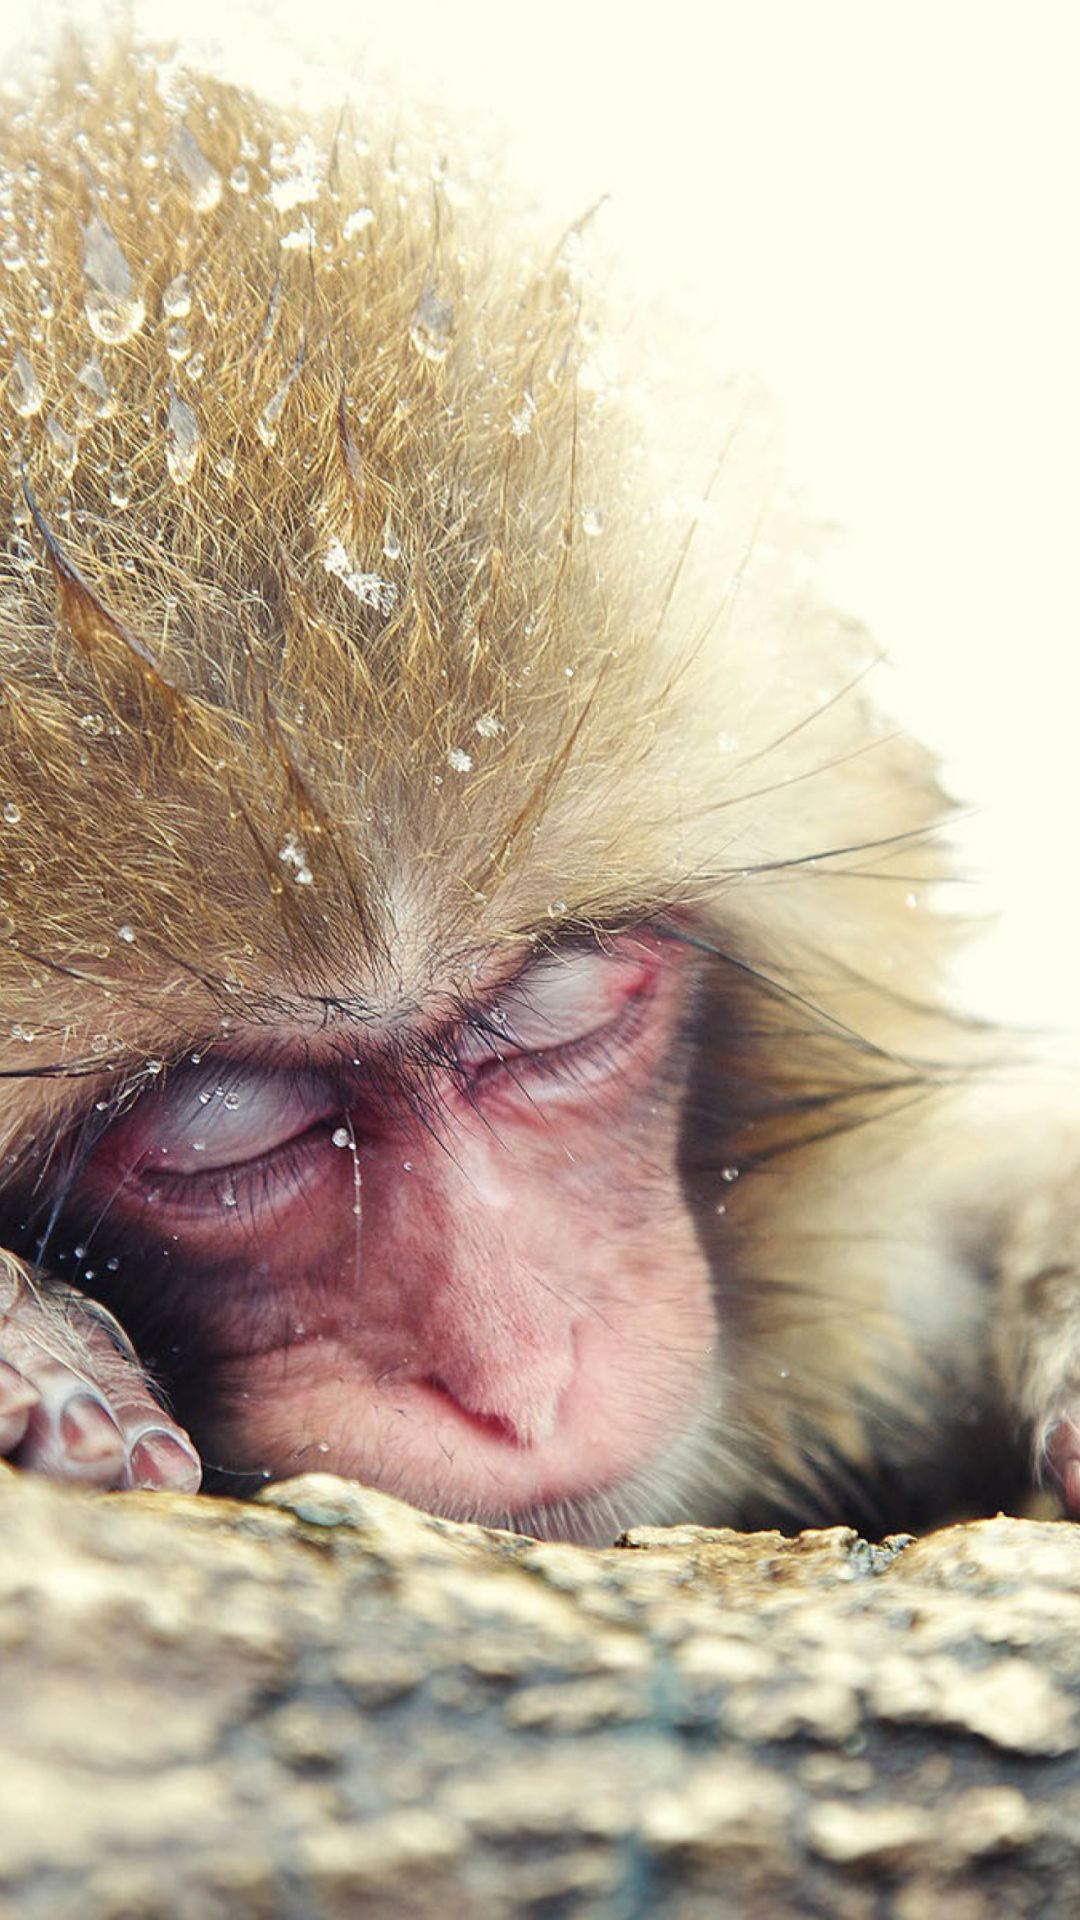 Sleepy Monkey Photo